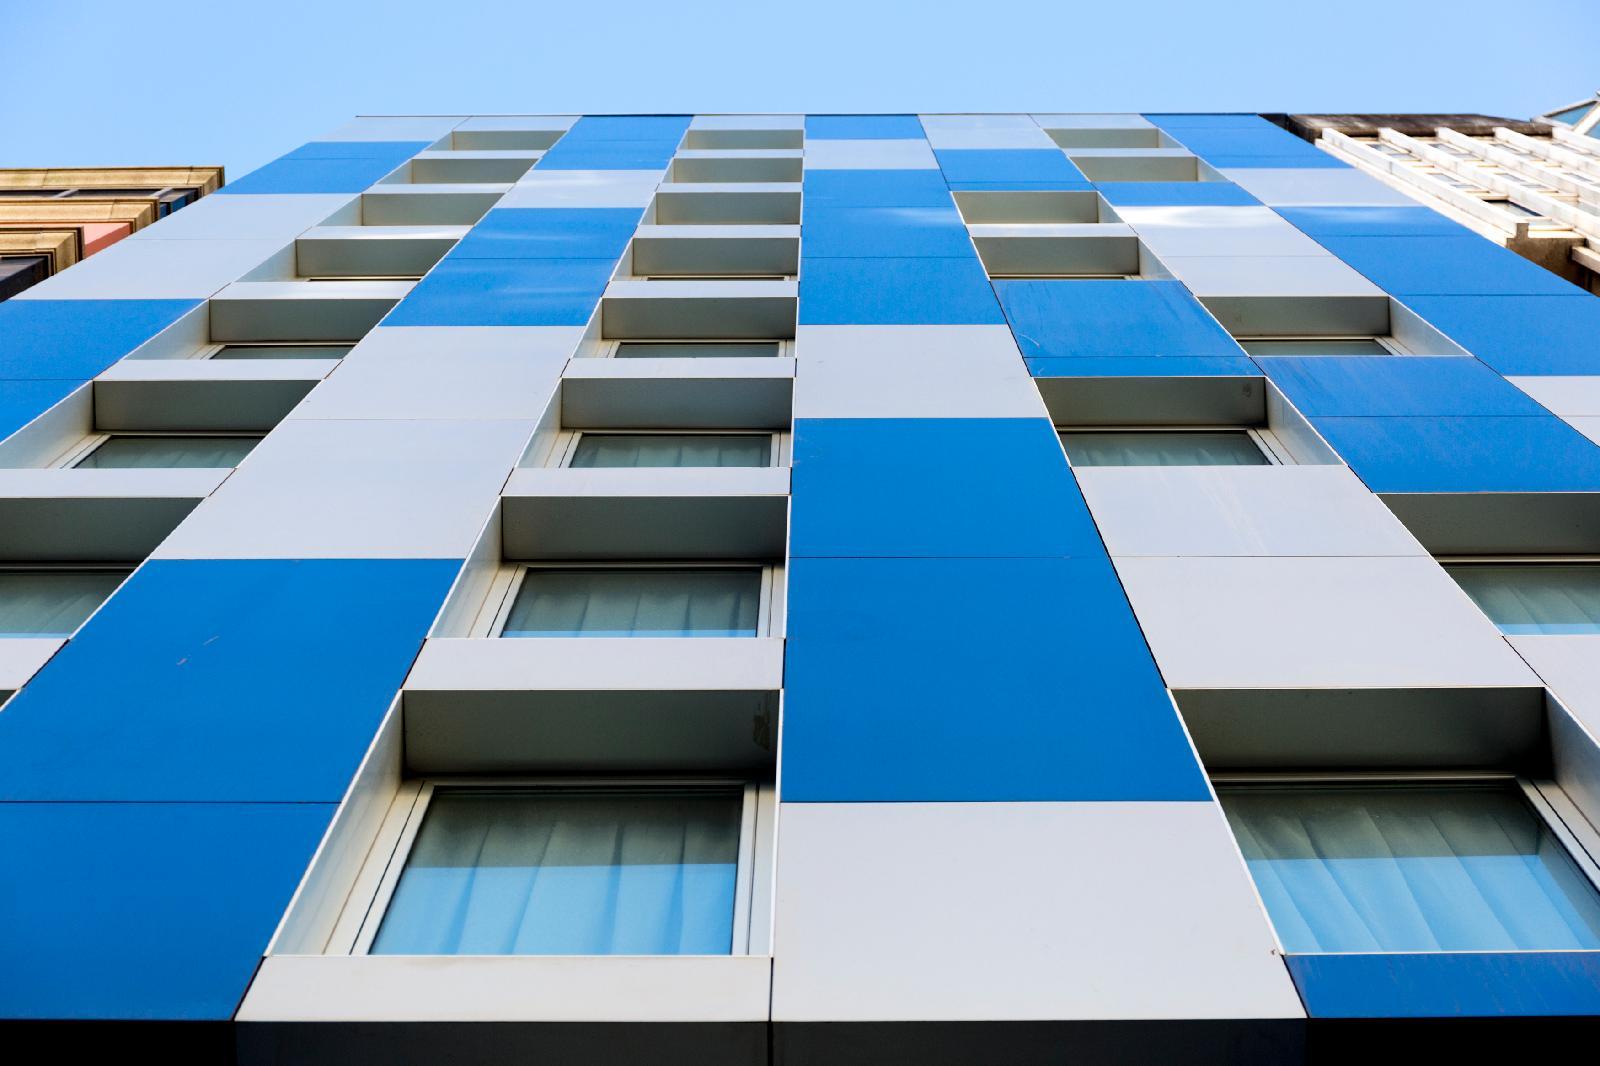 7. Hotel Blue Coruña